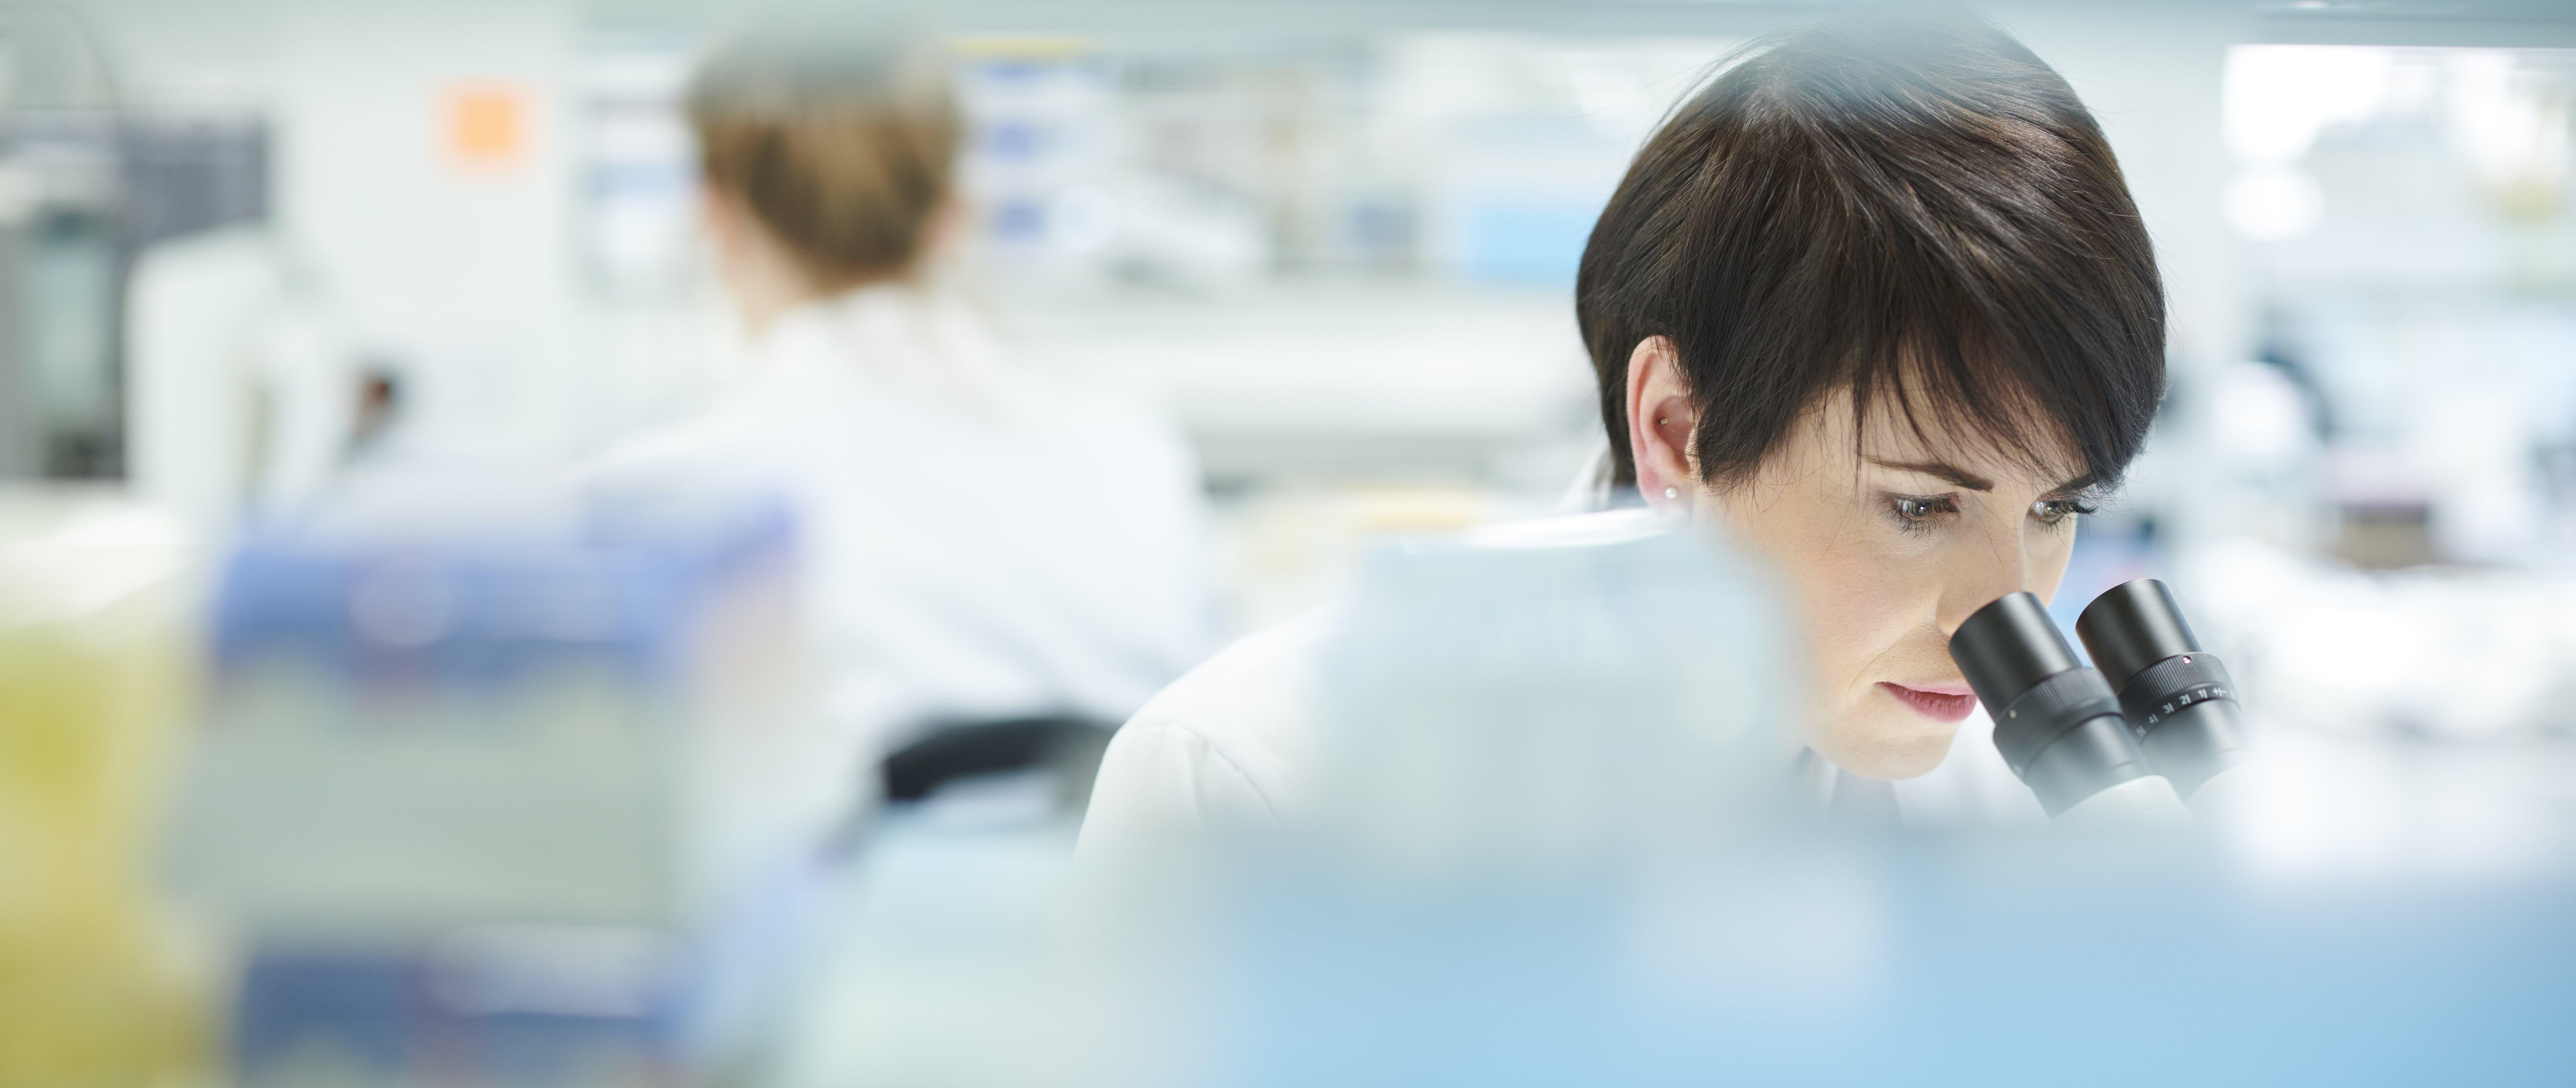 p53 e l'aggressività dei tumori del seno triplo negativi